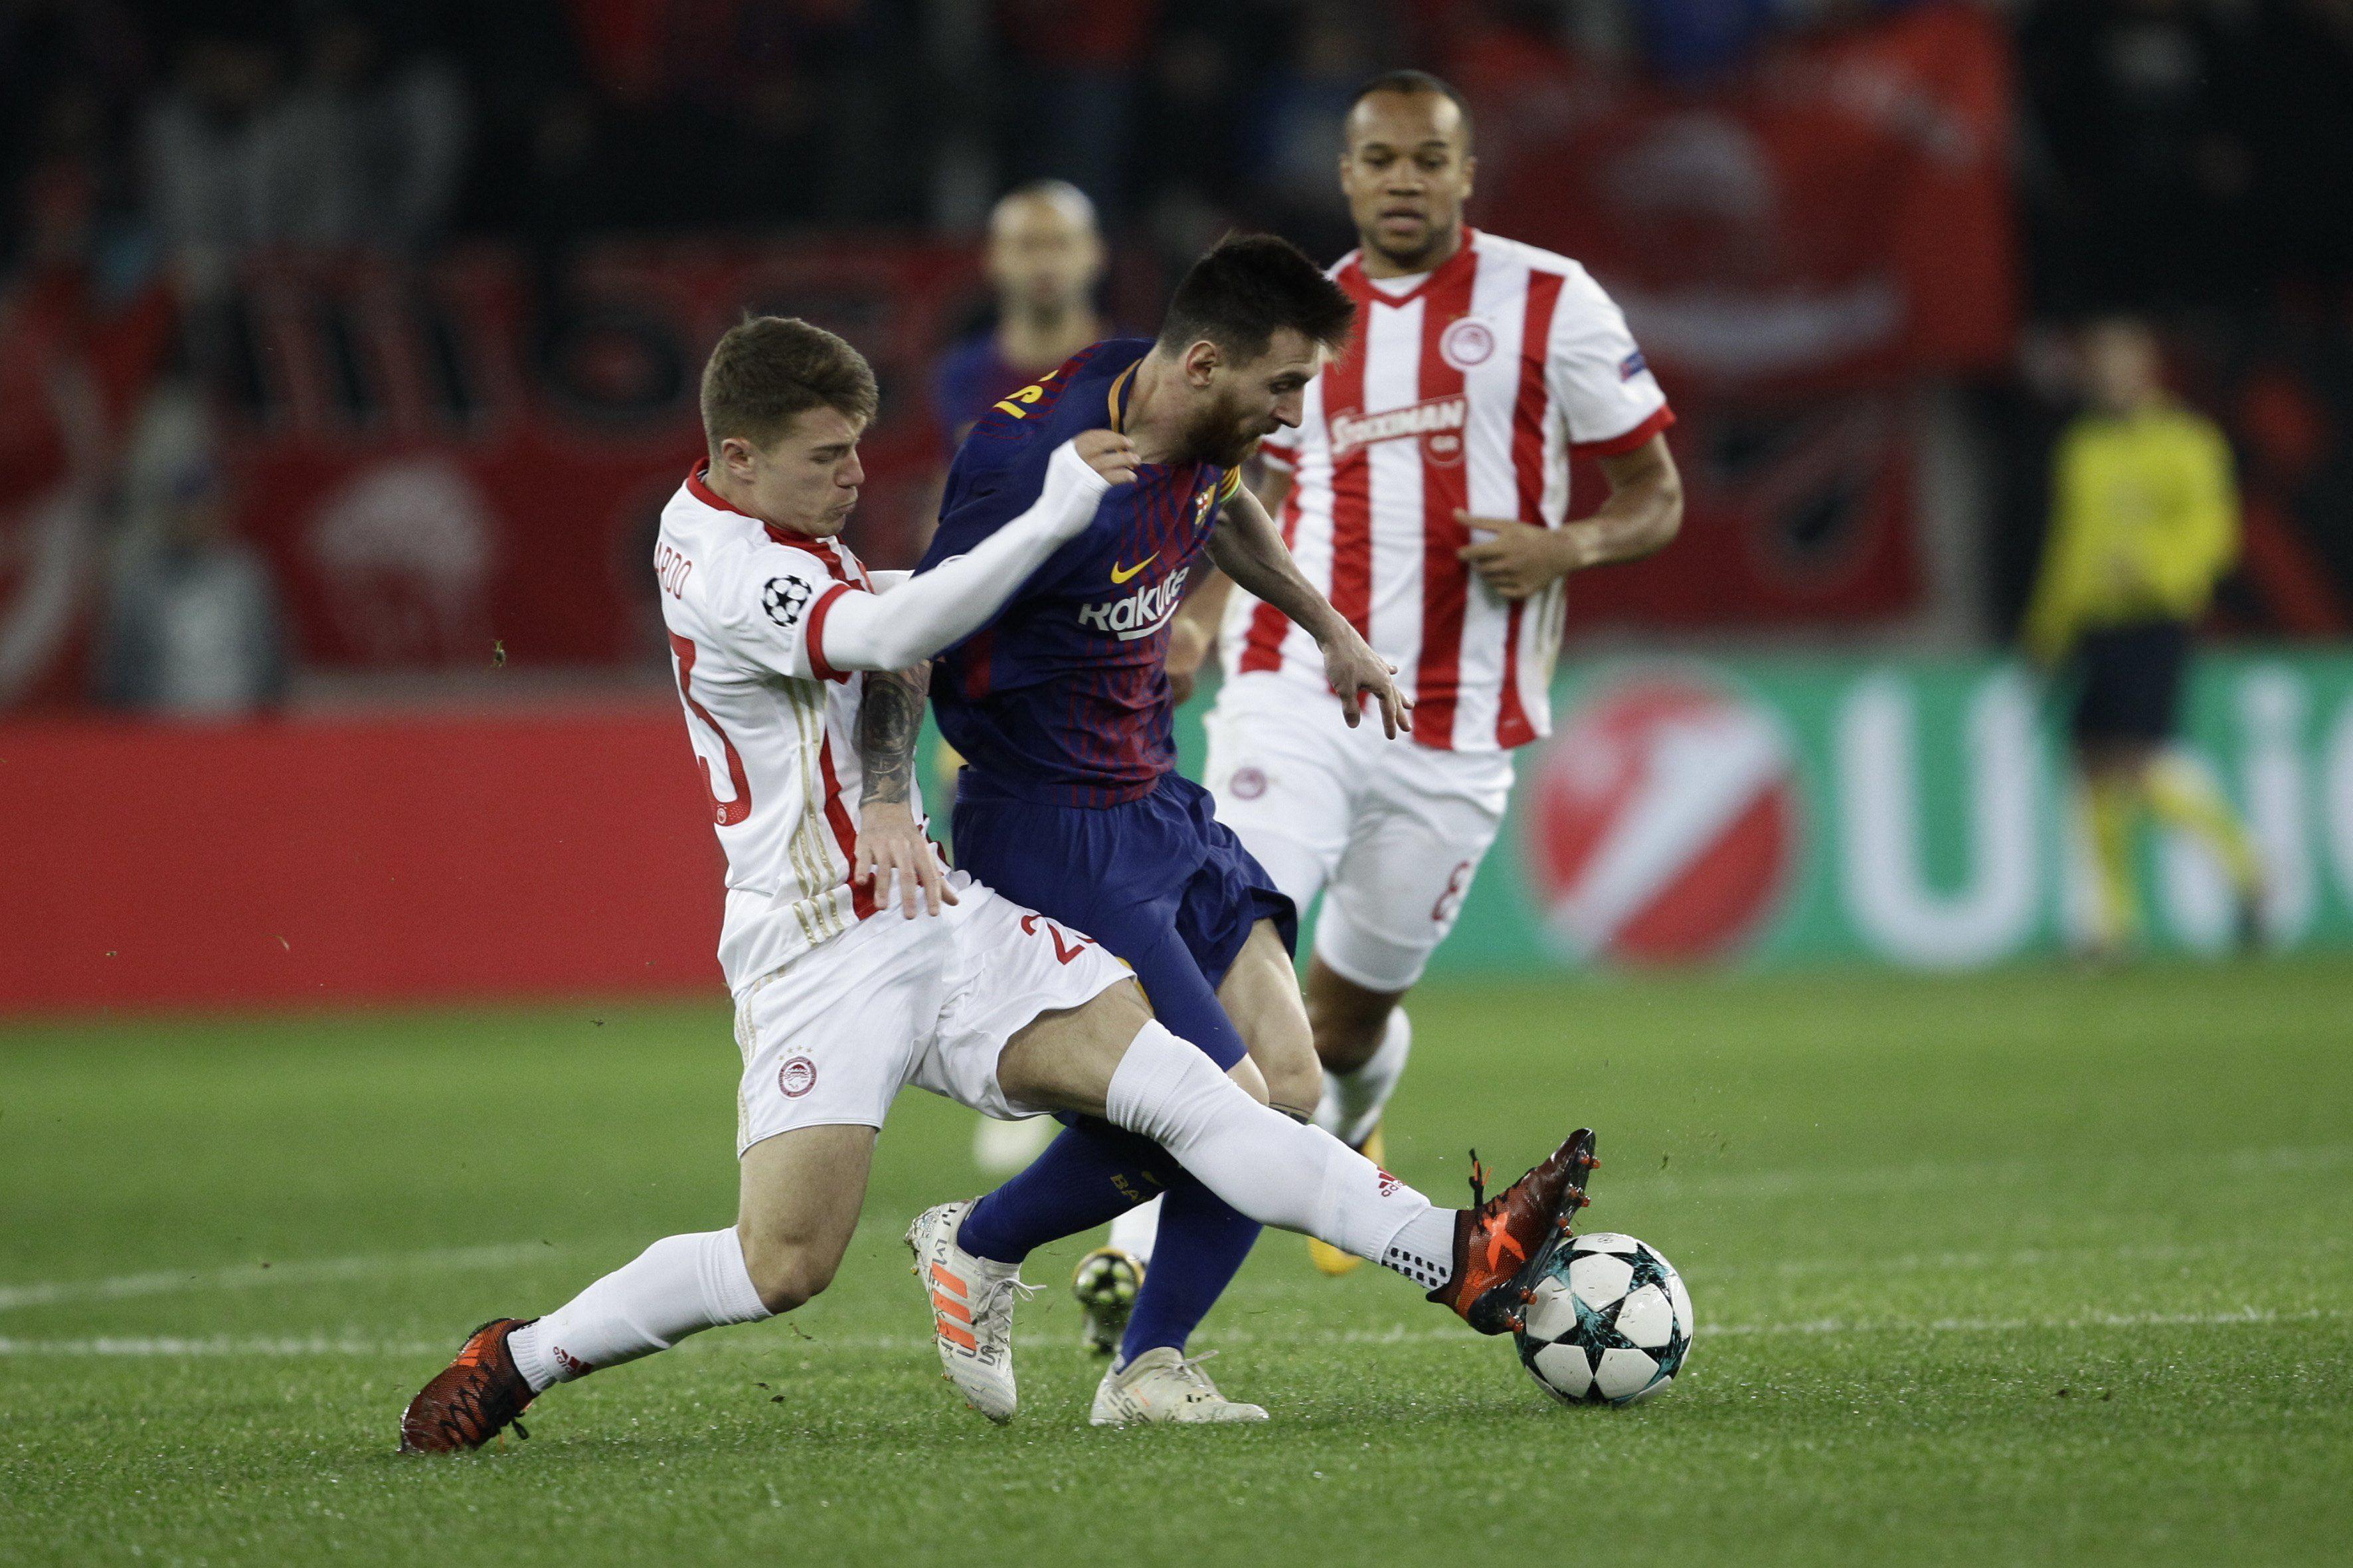 Barcelona, con Messi, apenas empató sin goles ante Olympiacos en Grecia